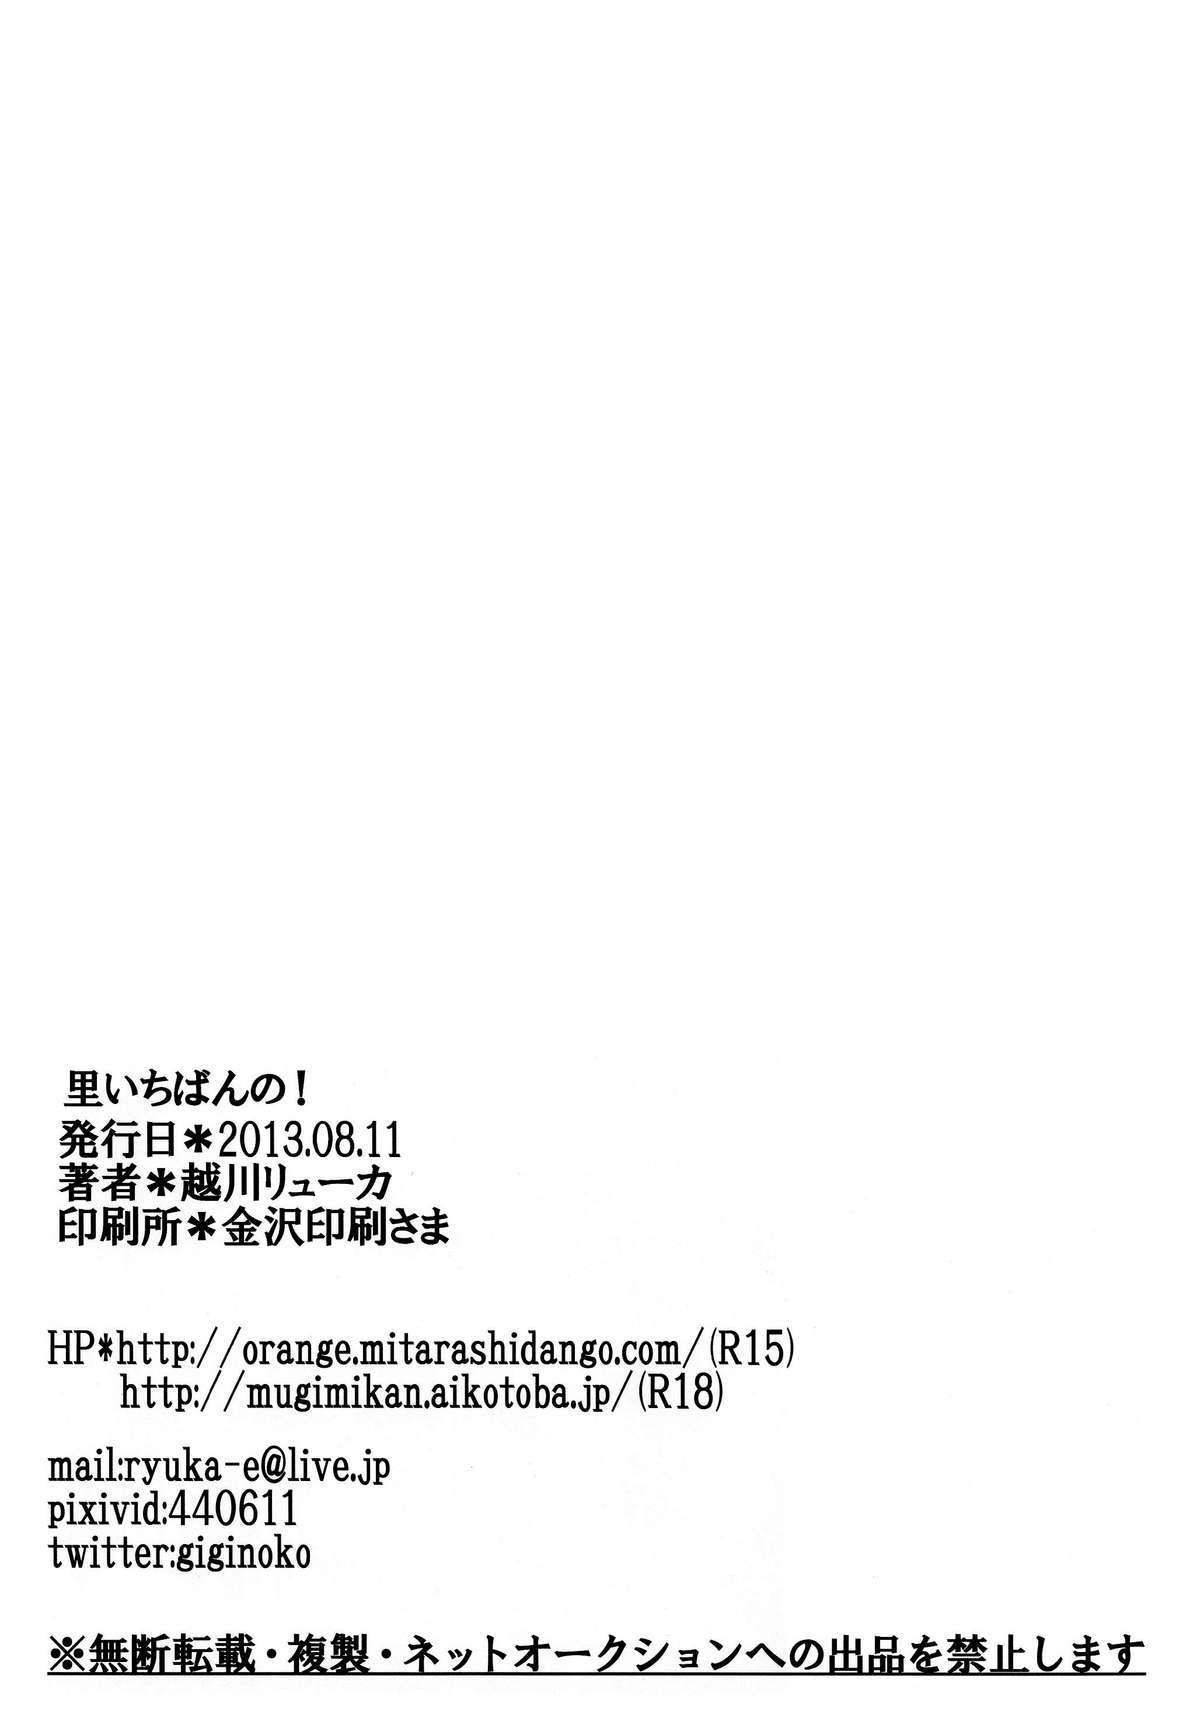 Sato Ichiban no! 23